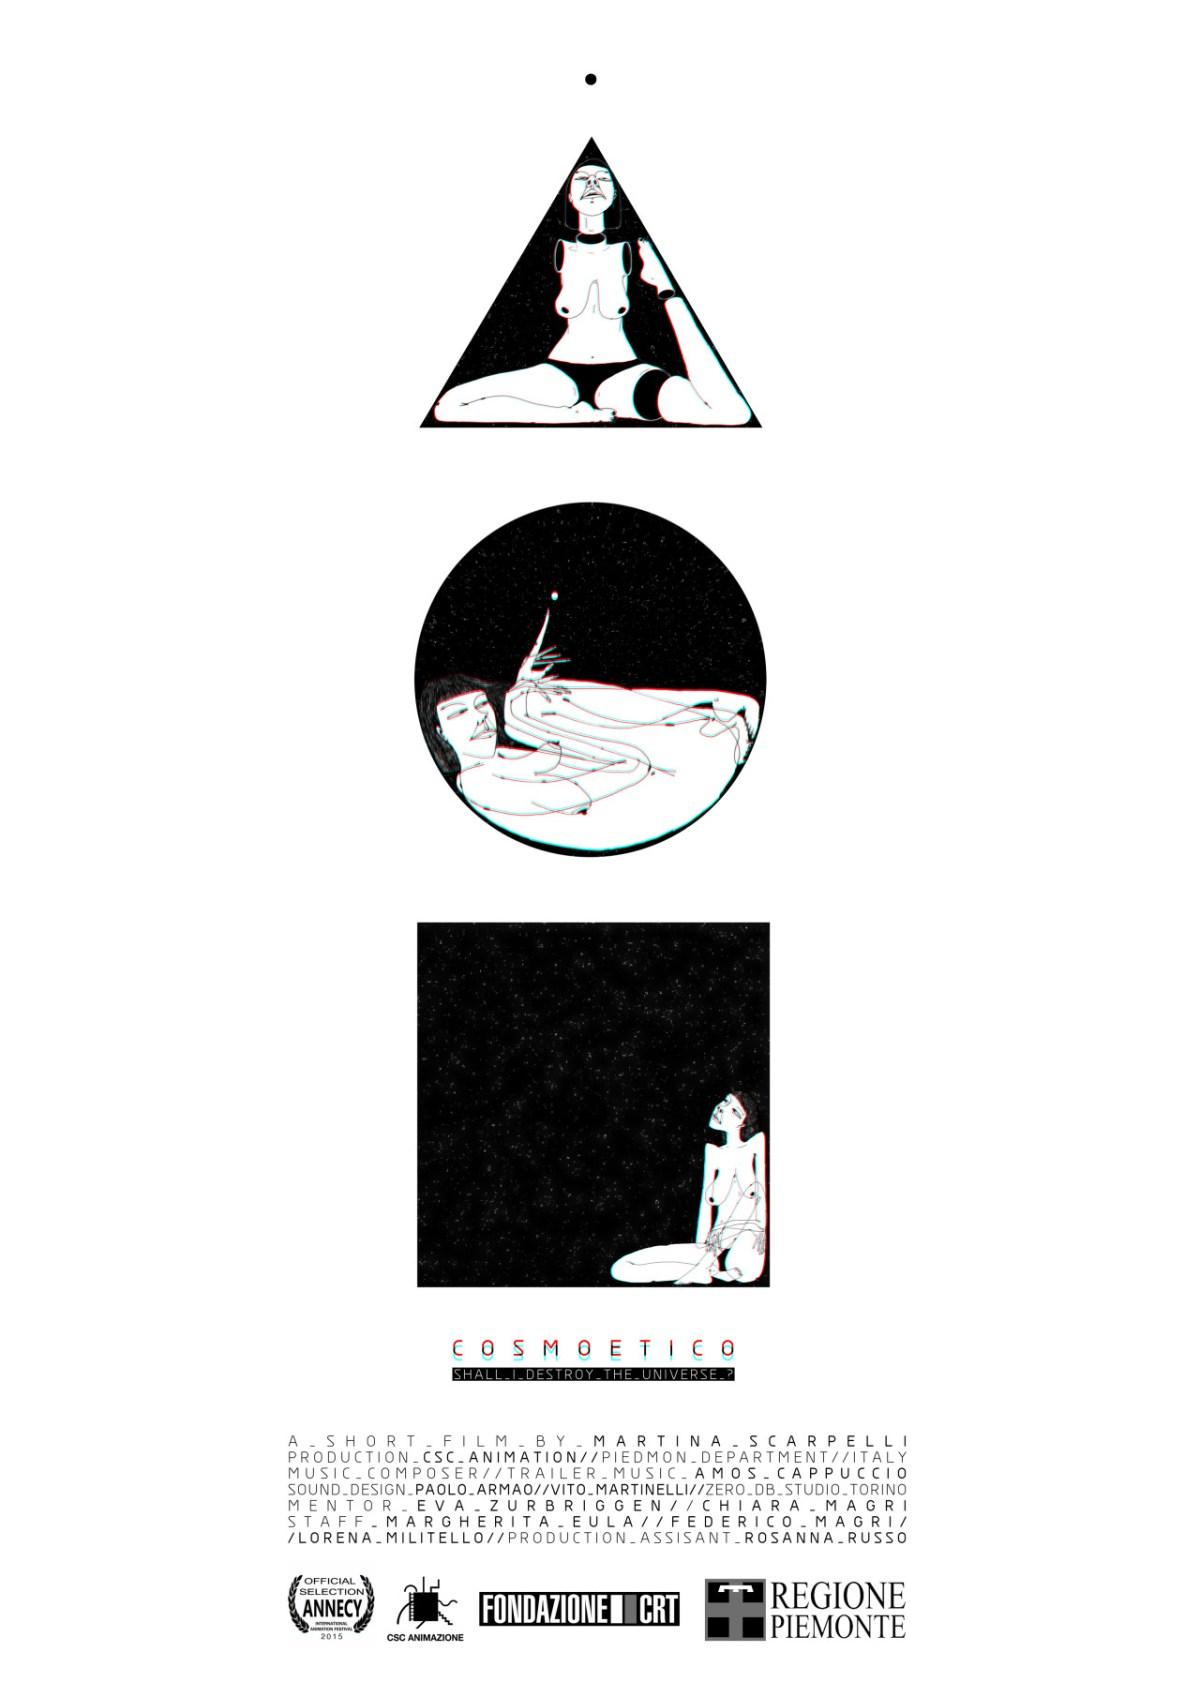 cosmoetico_poster_1